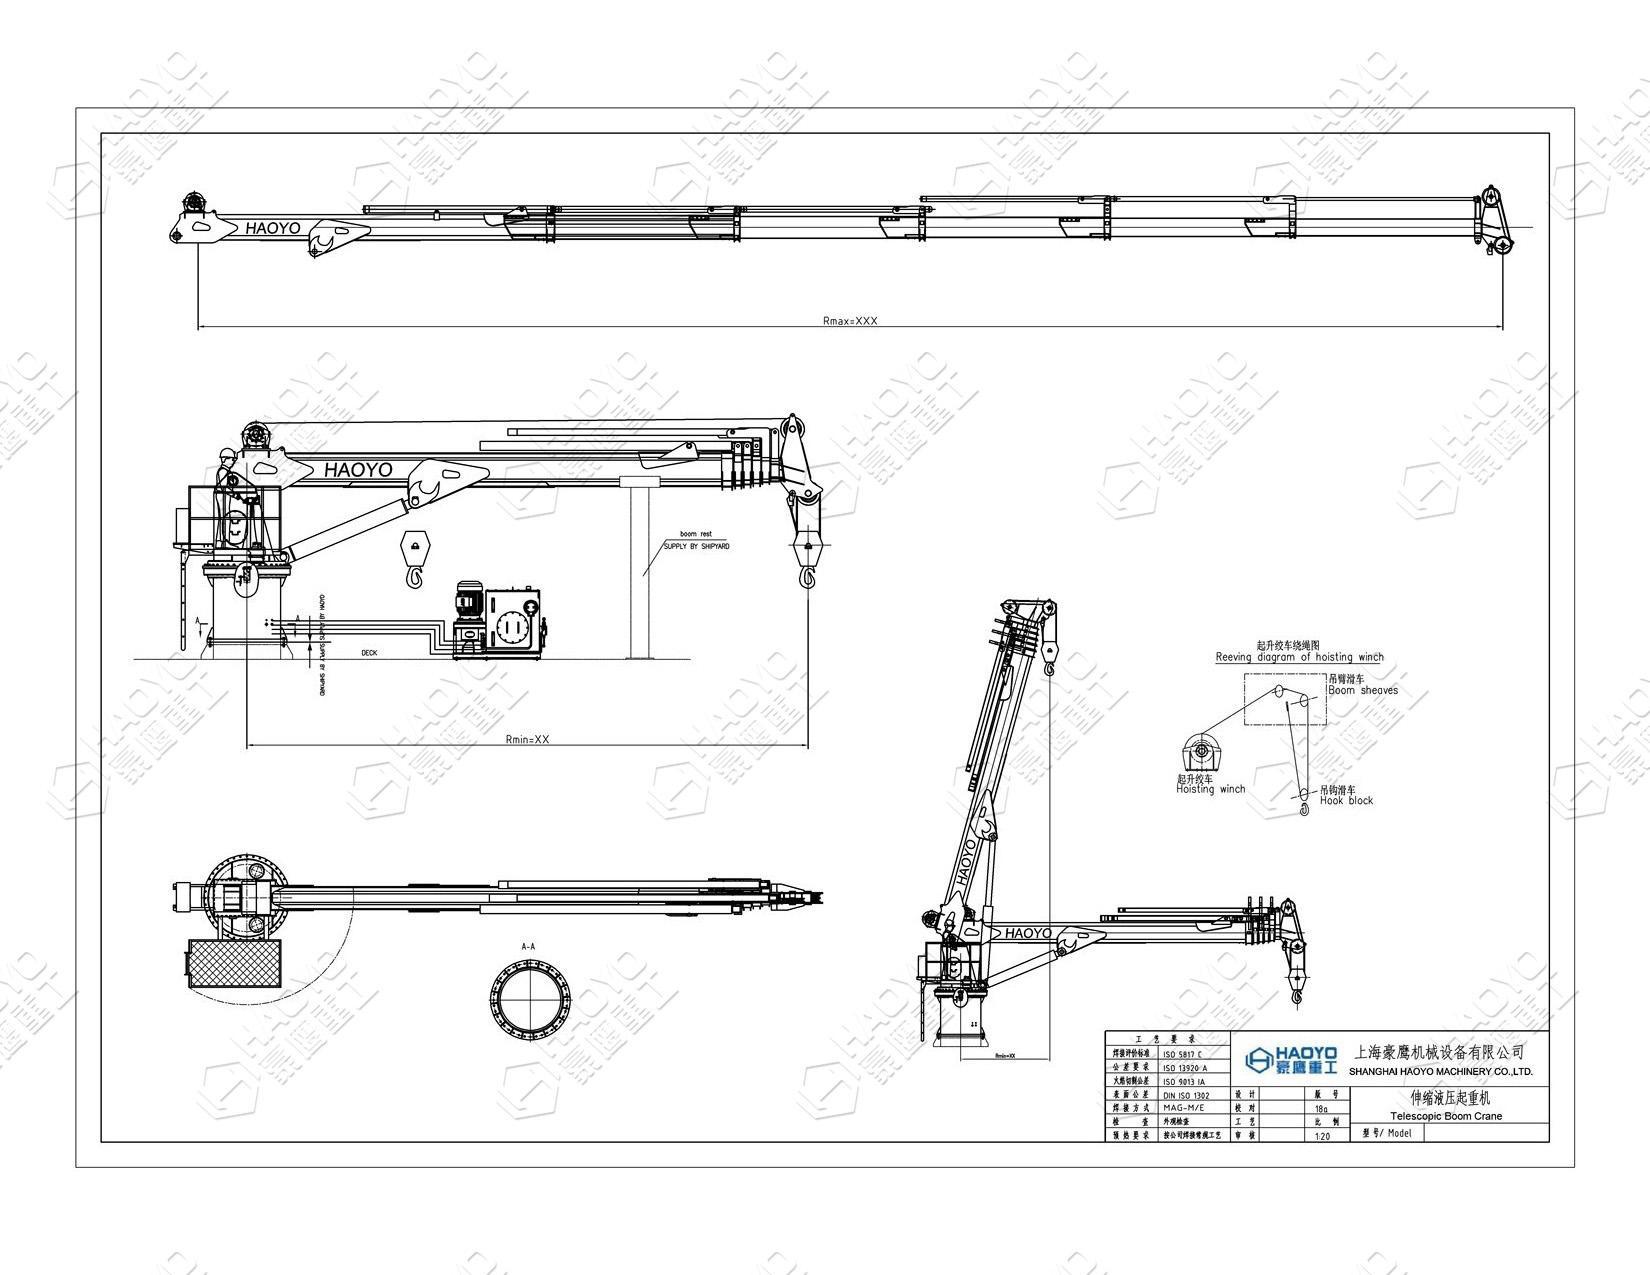 5吨伸缩臂移动式电动迷你起重机 4